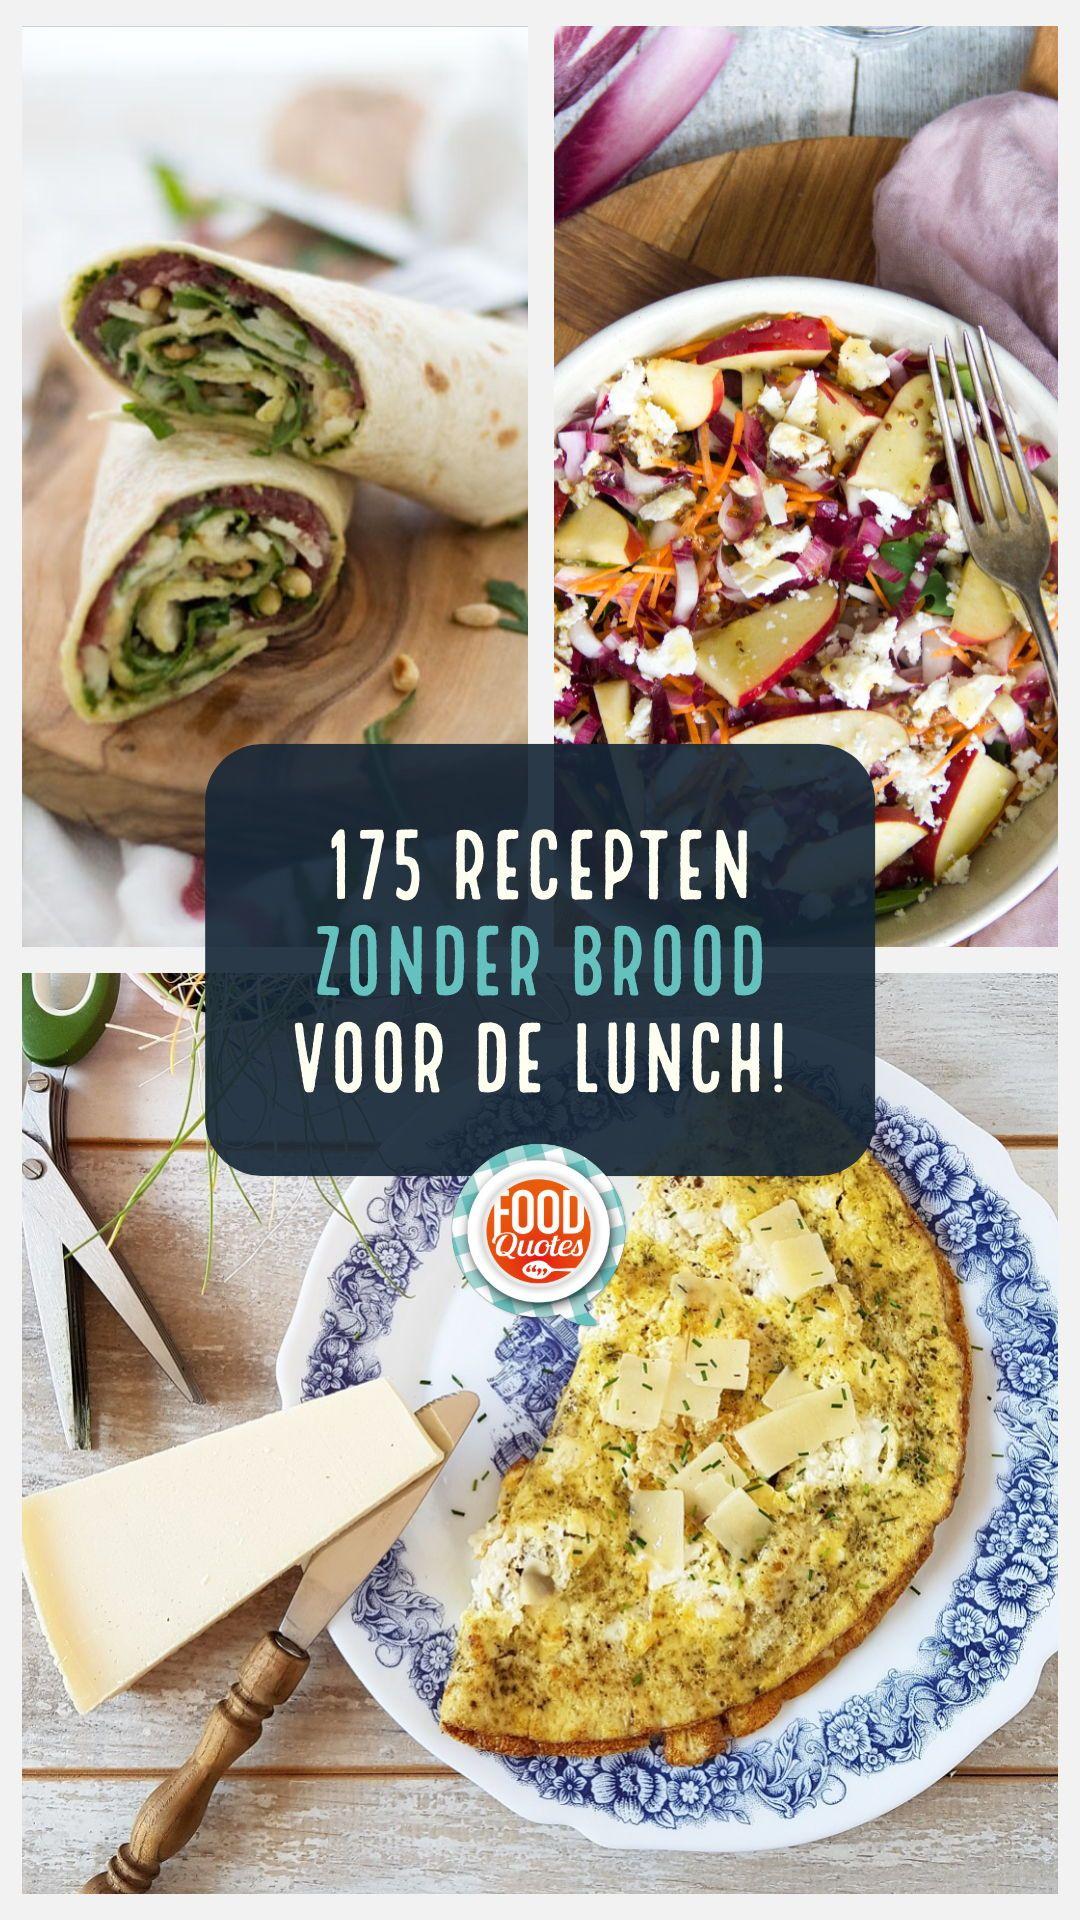 175 keer lunchinspiratie #lunchenzonderboterham - FoodQuotes